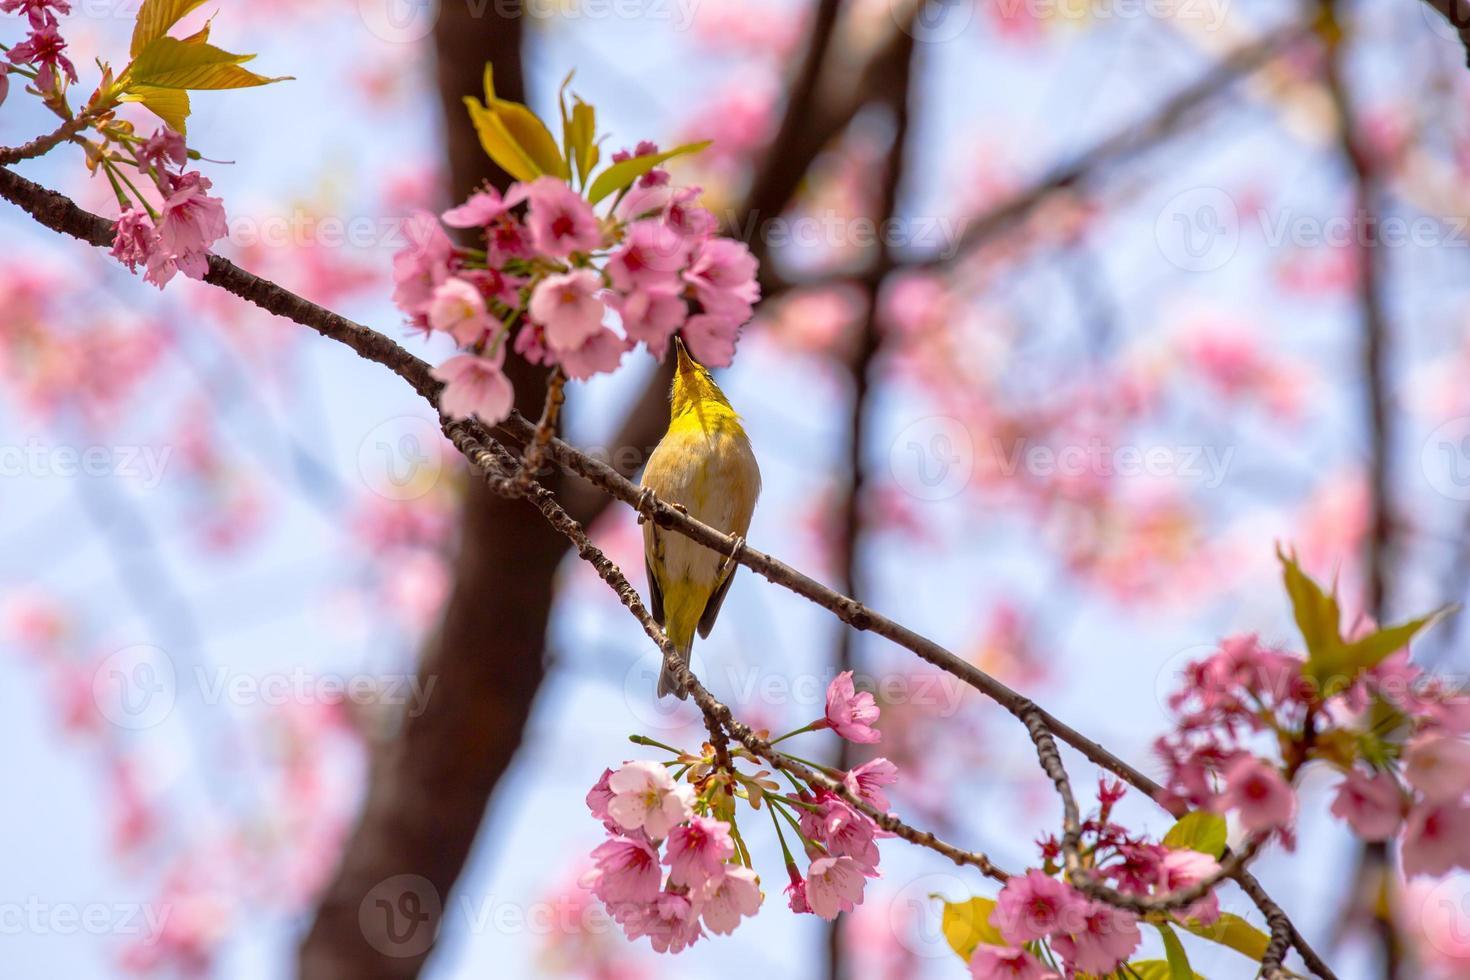 flores de sakura desabrocham no parque ueno, tokyo, japão foto